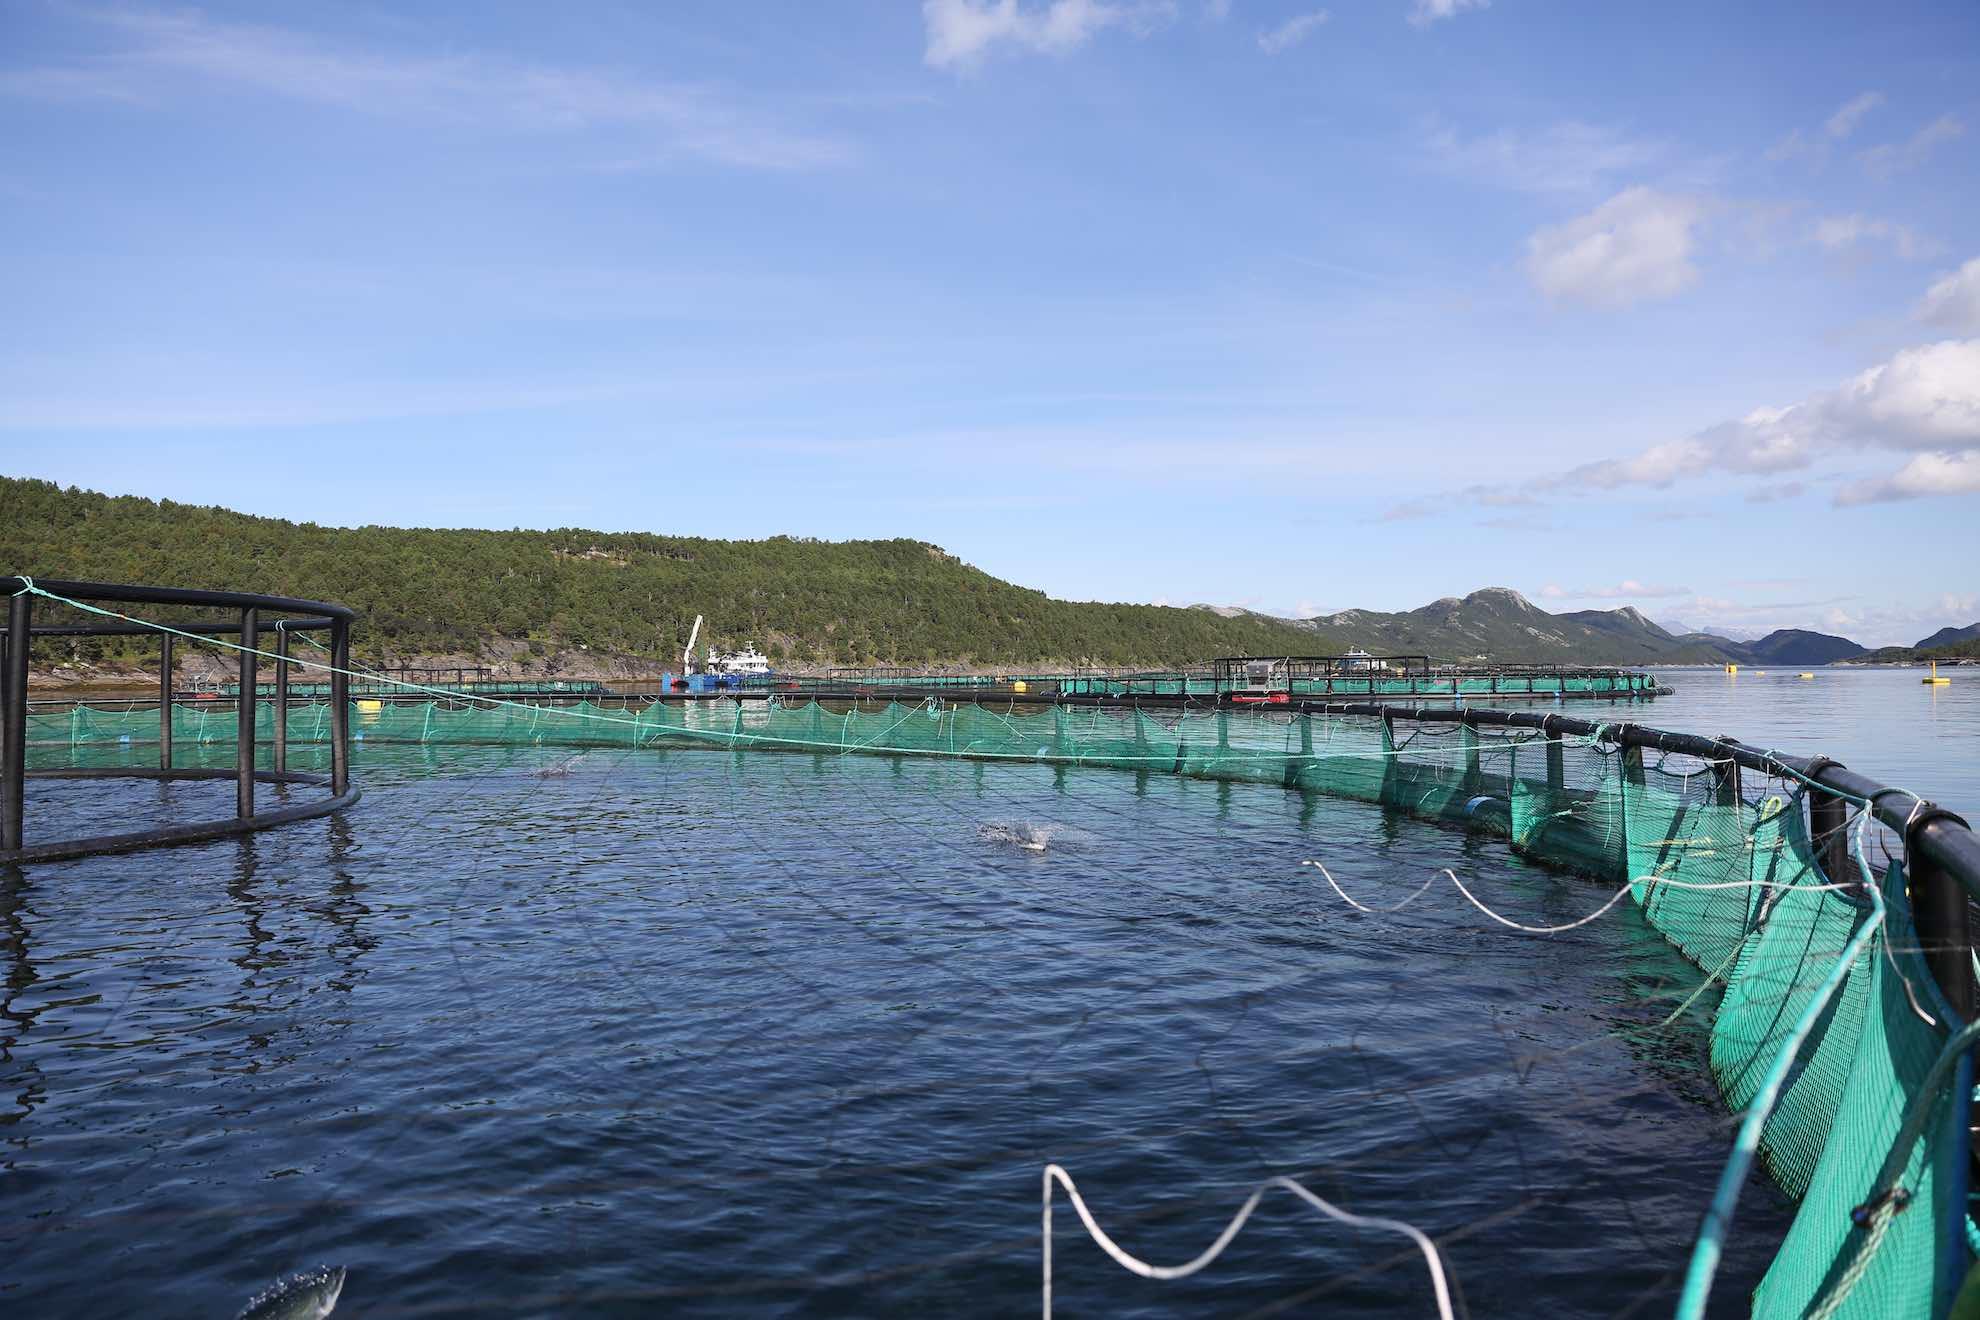 """Eine typisch norwegische """"Laks-Farm"""", in der Lachs gezüchtet wird."""